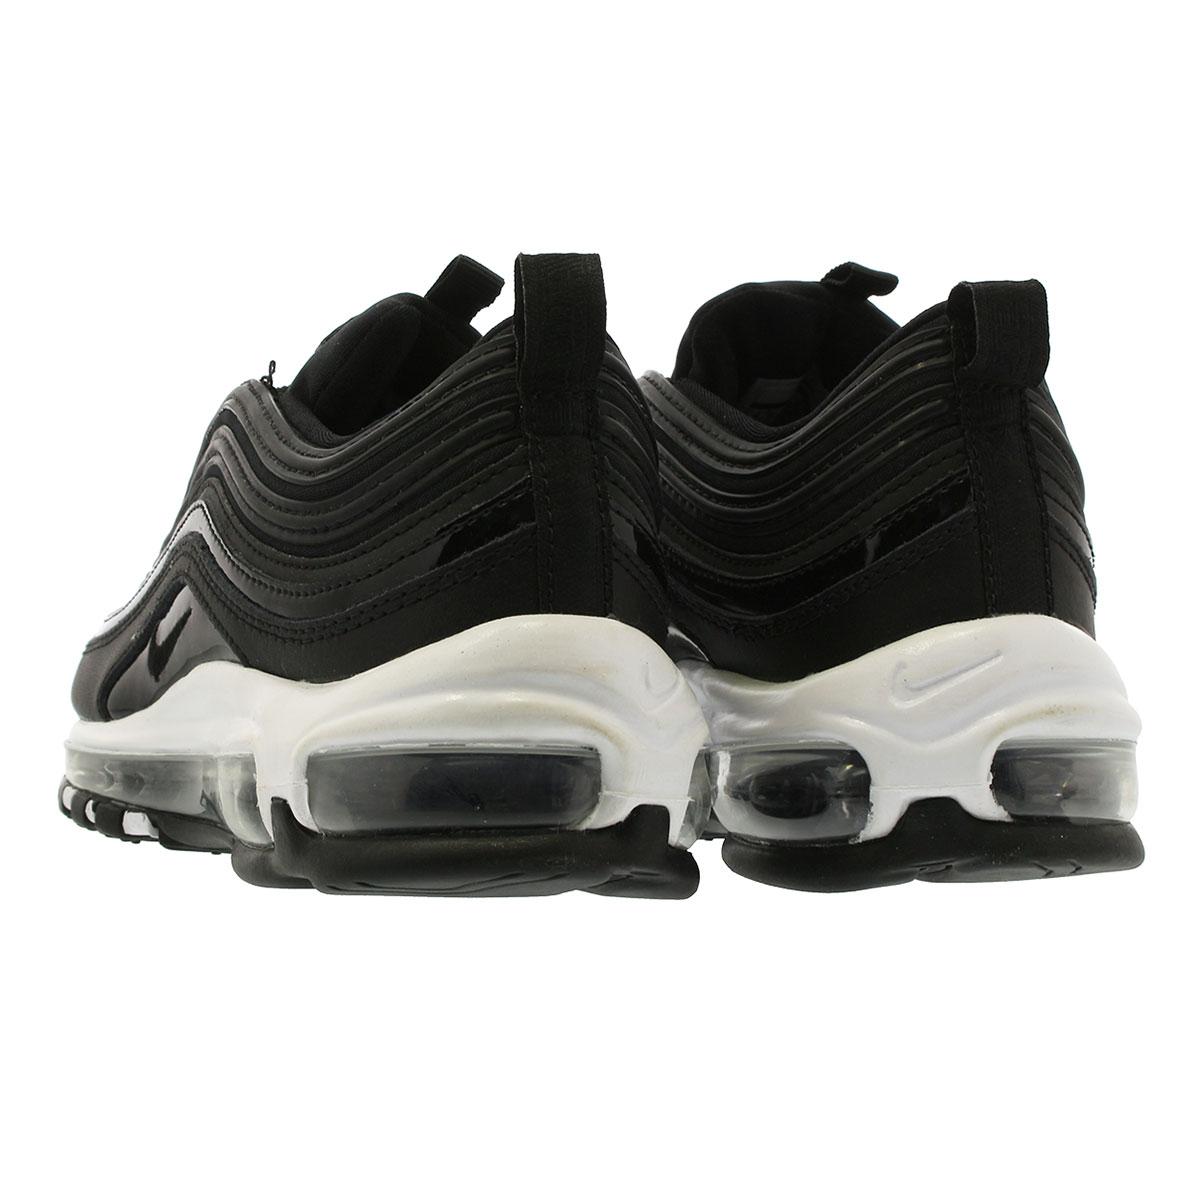 new photos aac84 a6814 ... NIKE WMNS AIR MAX 97 PREMIUM Nike women Air Max premium BLACK/BLACK/ ANTHRACITE ...